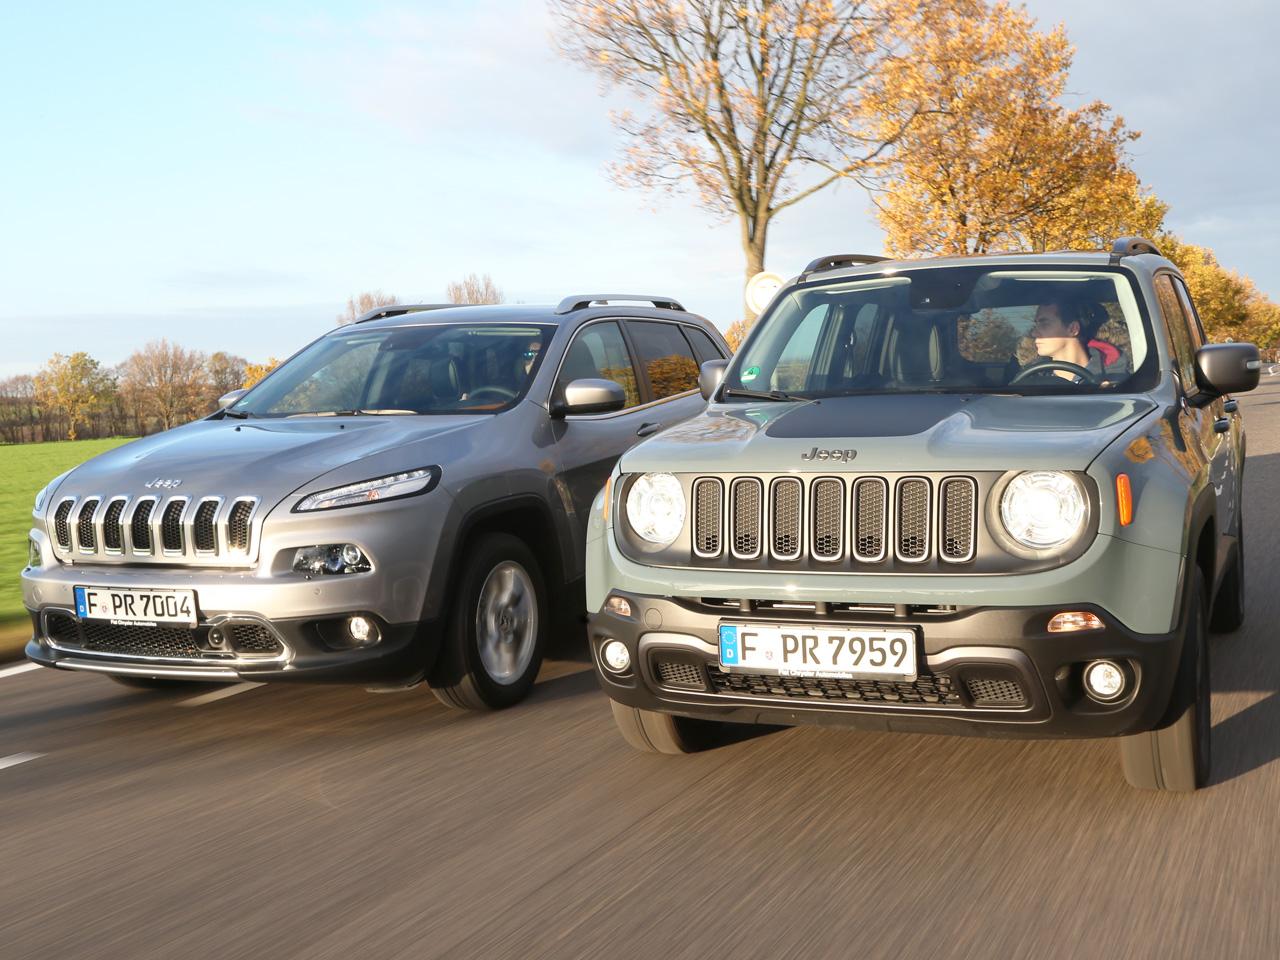 Zwei jeep suv im test